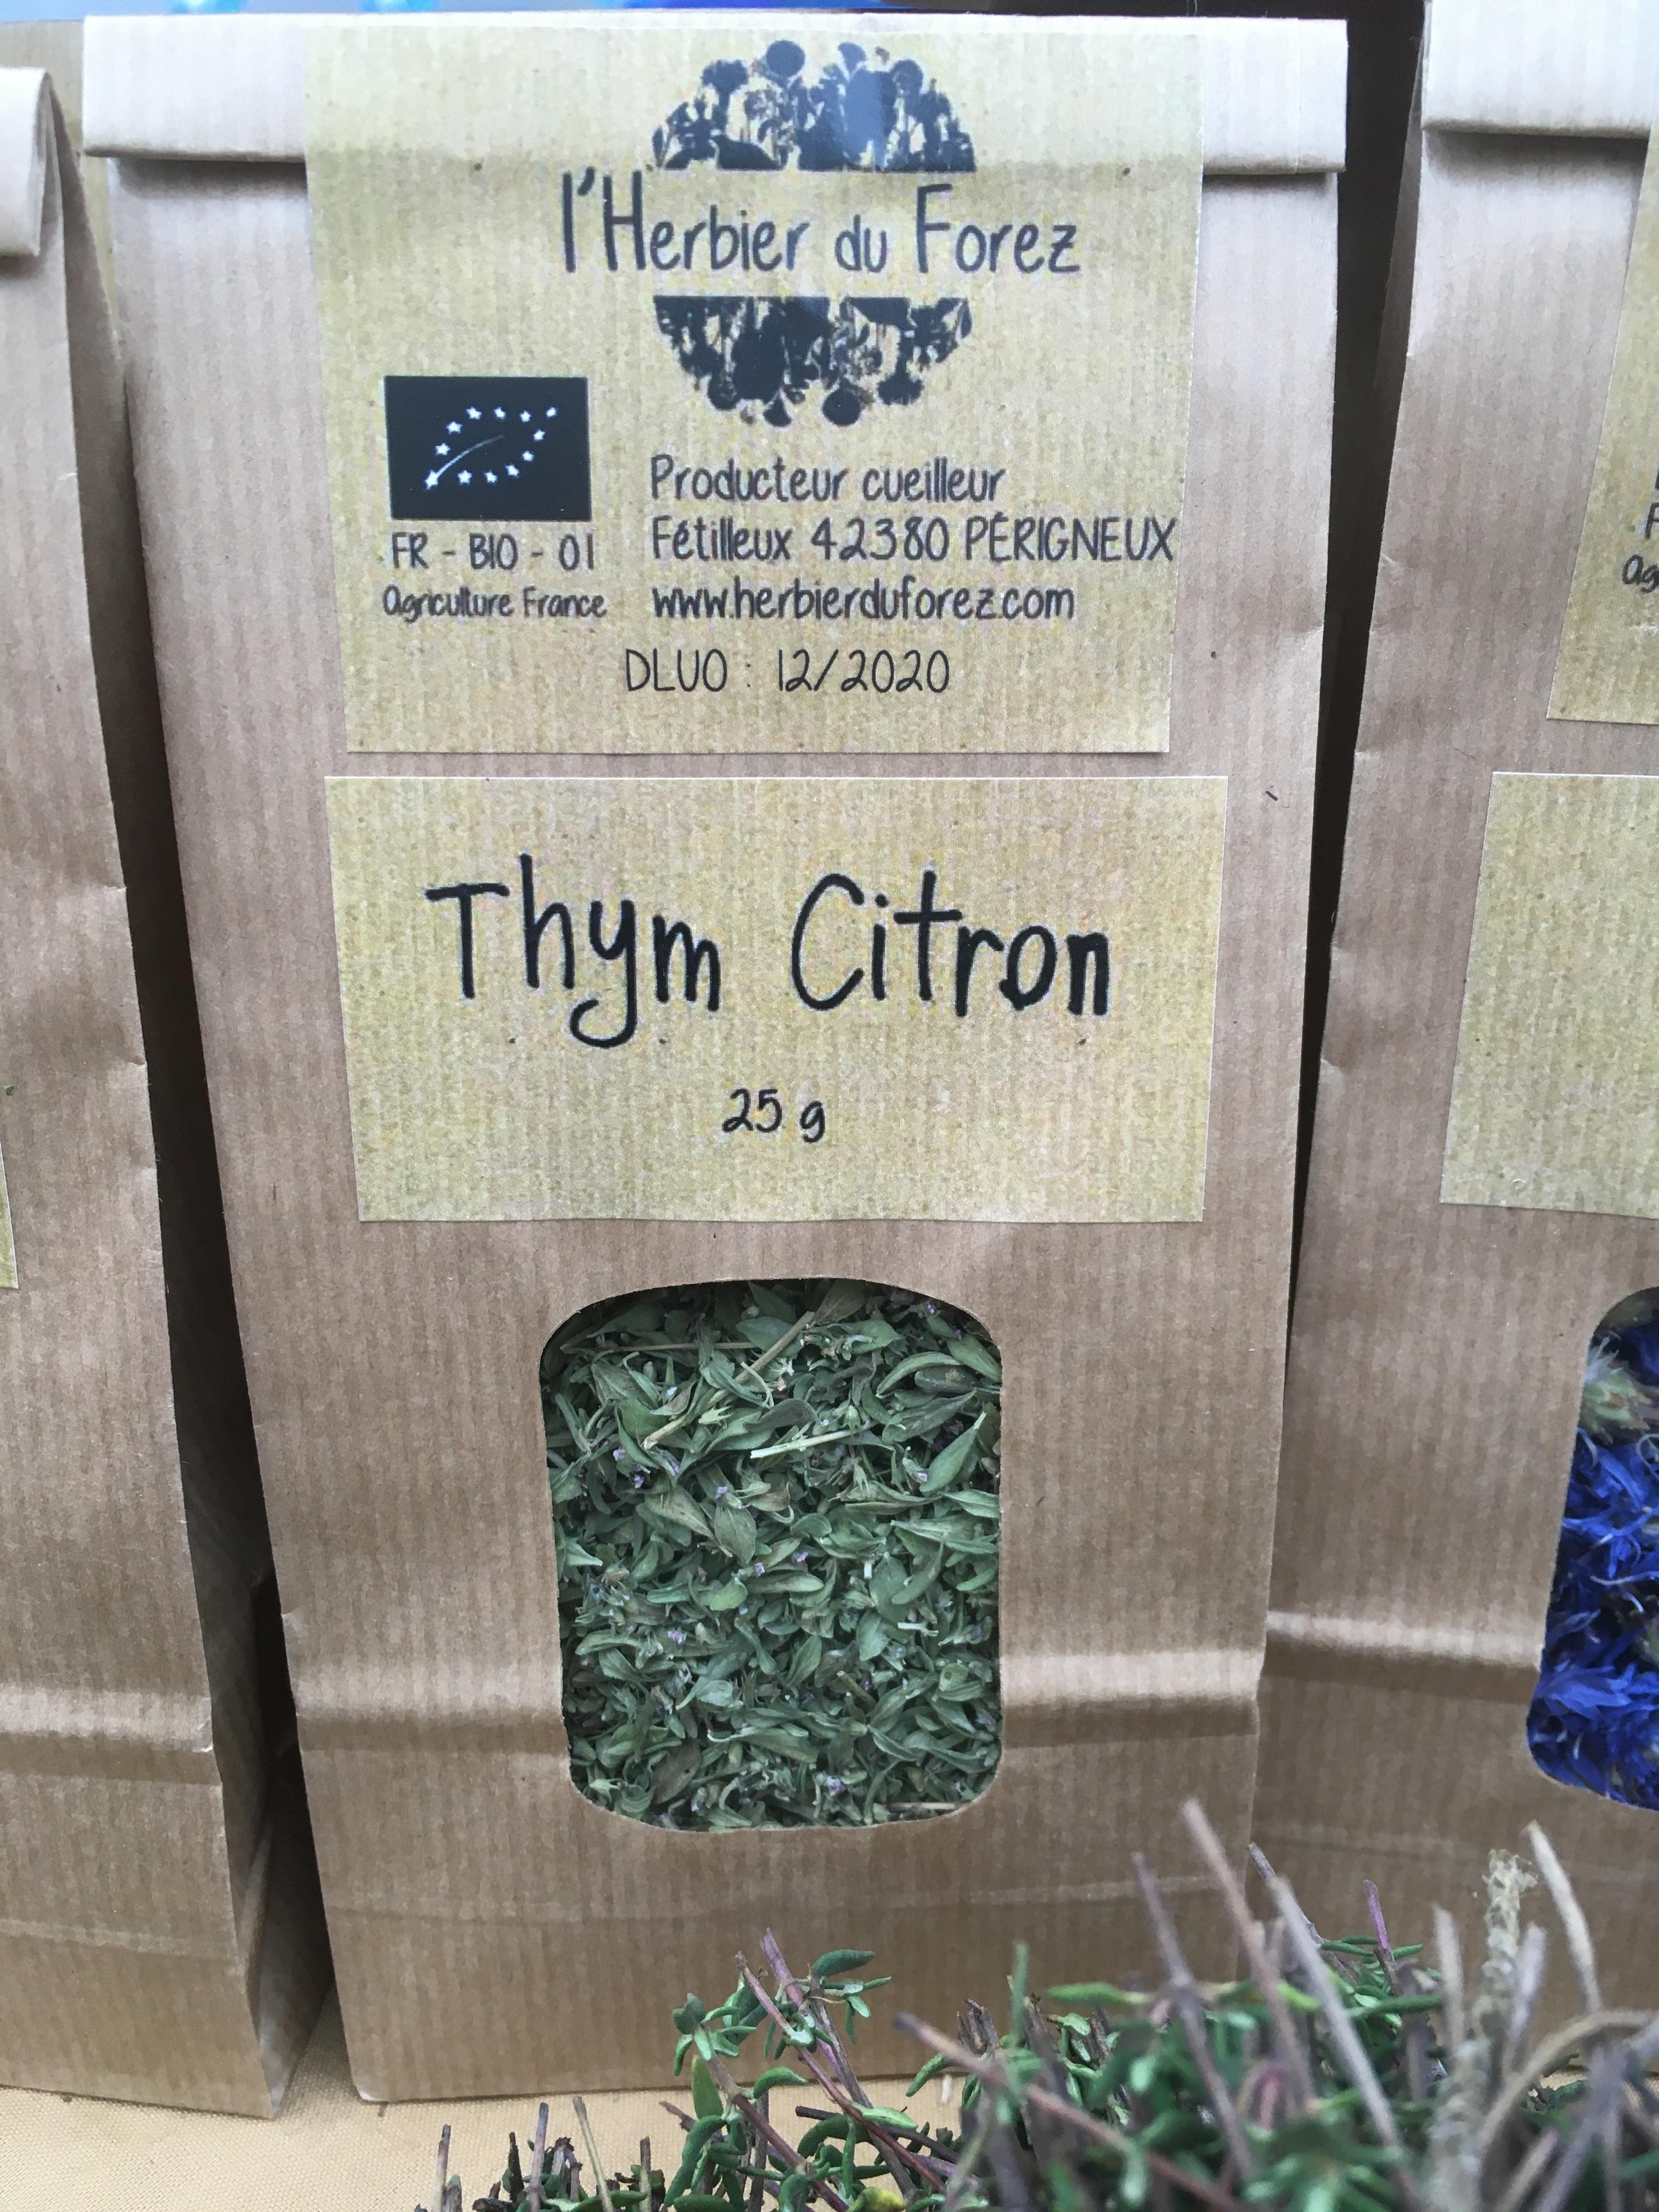 Thym citron